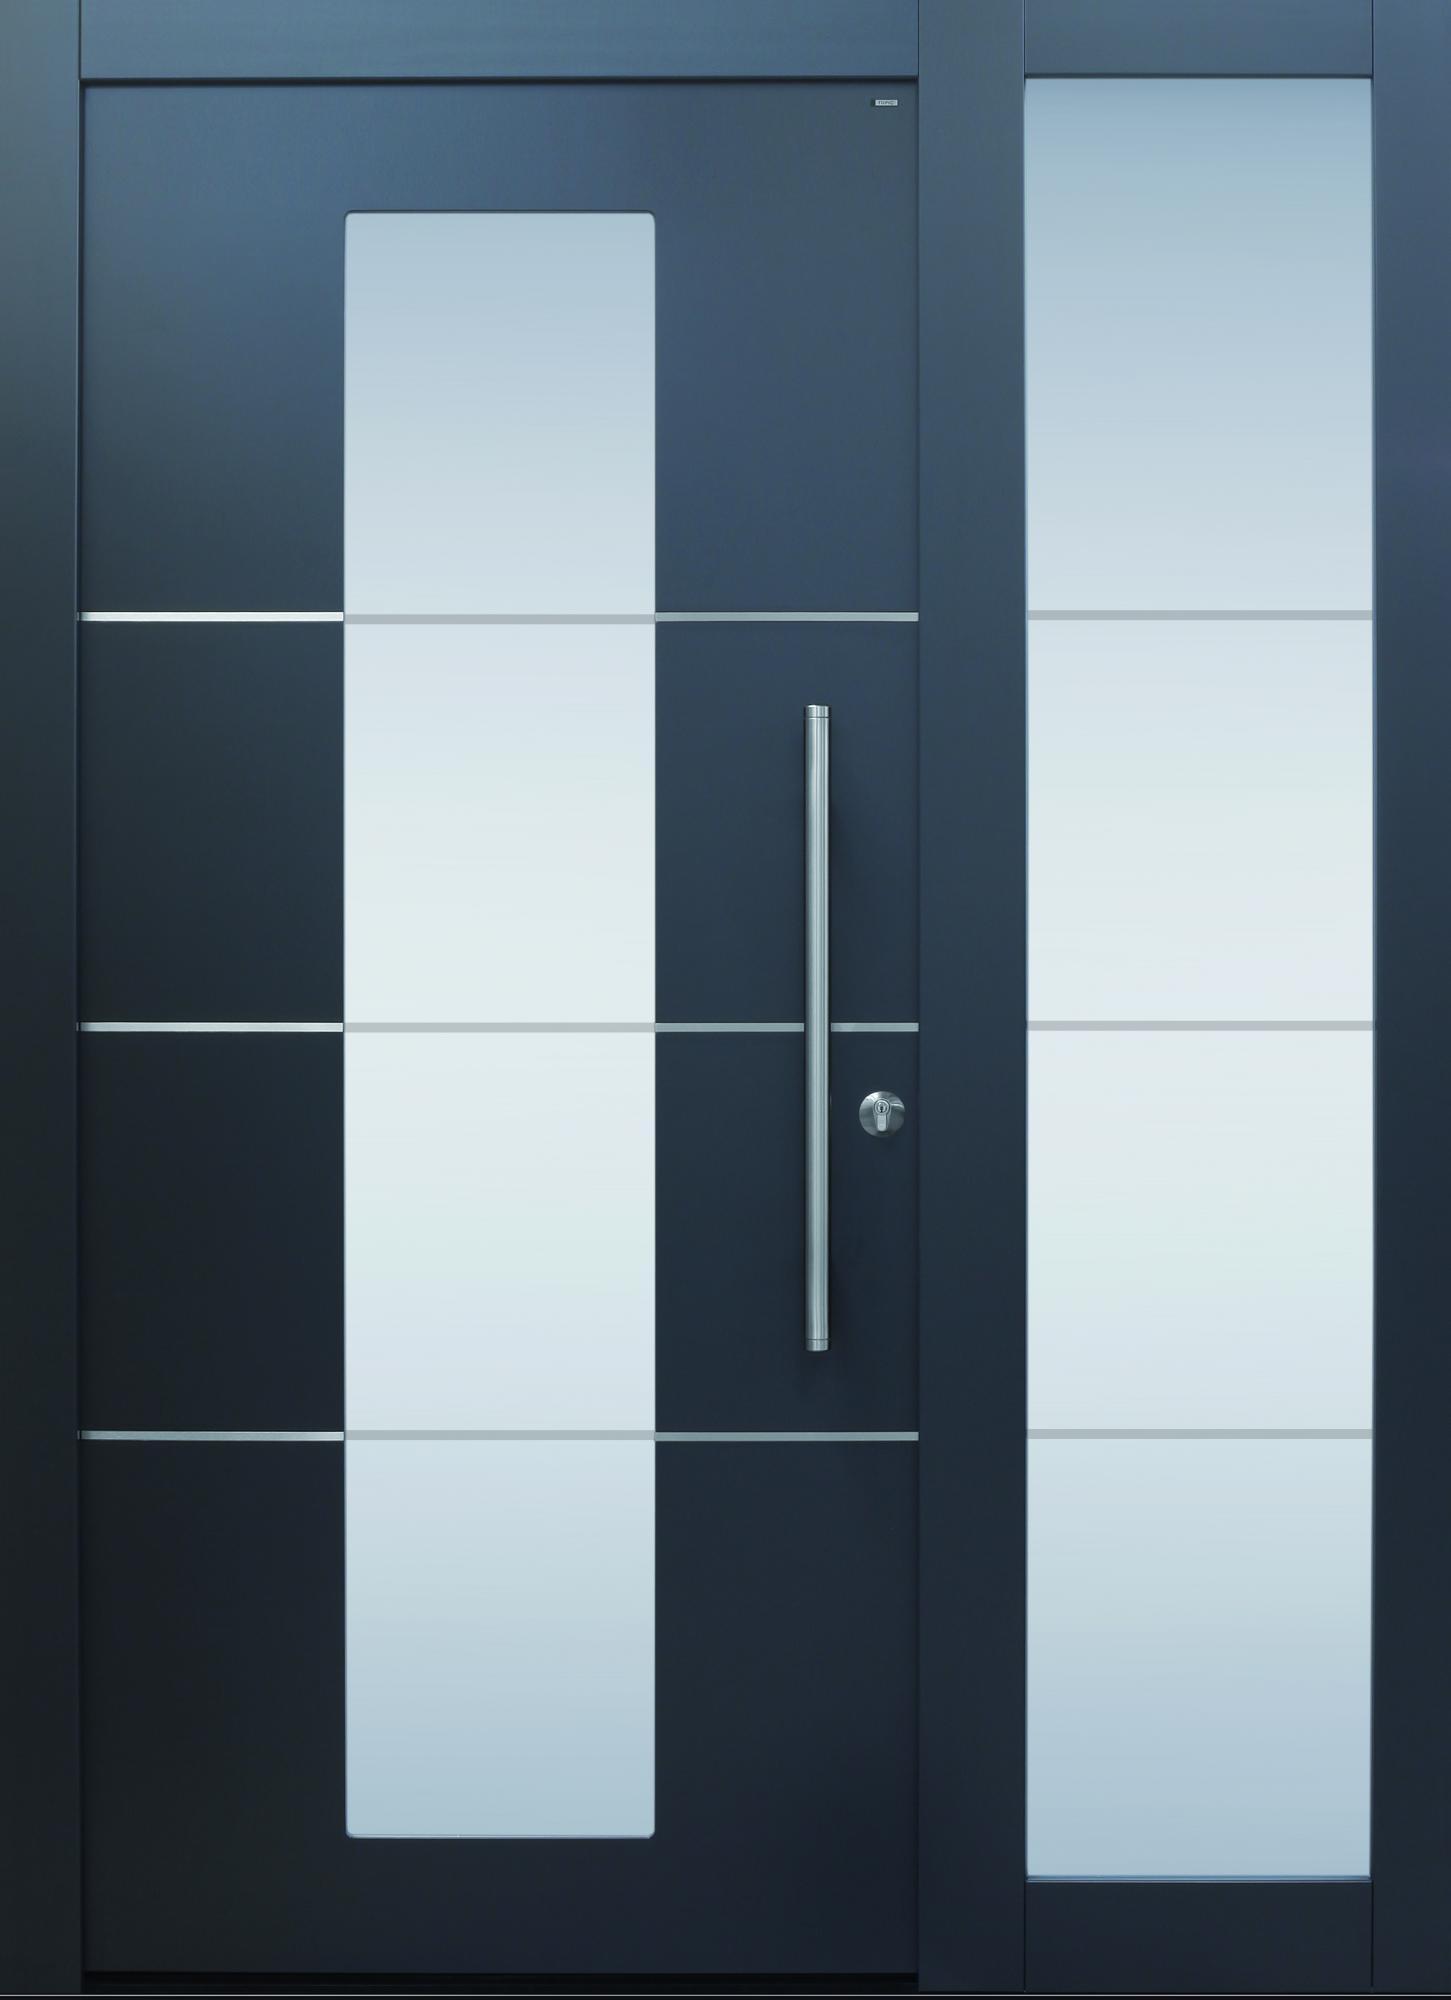 Haustüren weiß ohne glas  TOPIC - Haustüren von Meisterhand TOPIC Haustüren u. Wohnungstüren ...